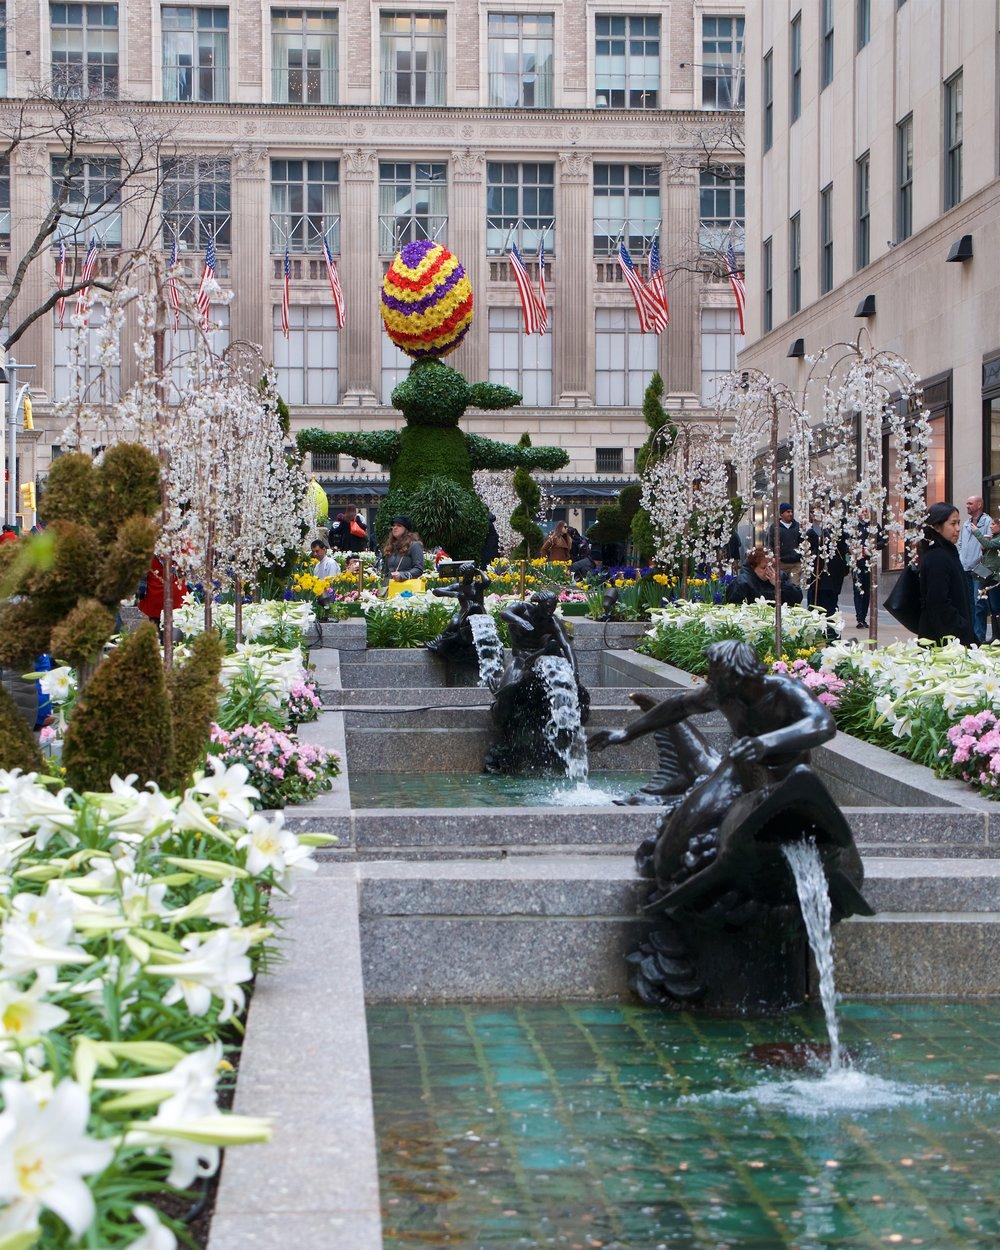 Rockefeller Center gardens